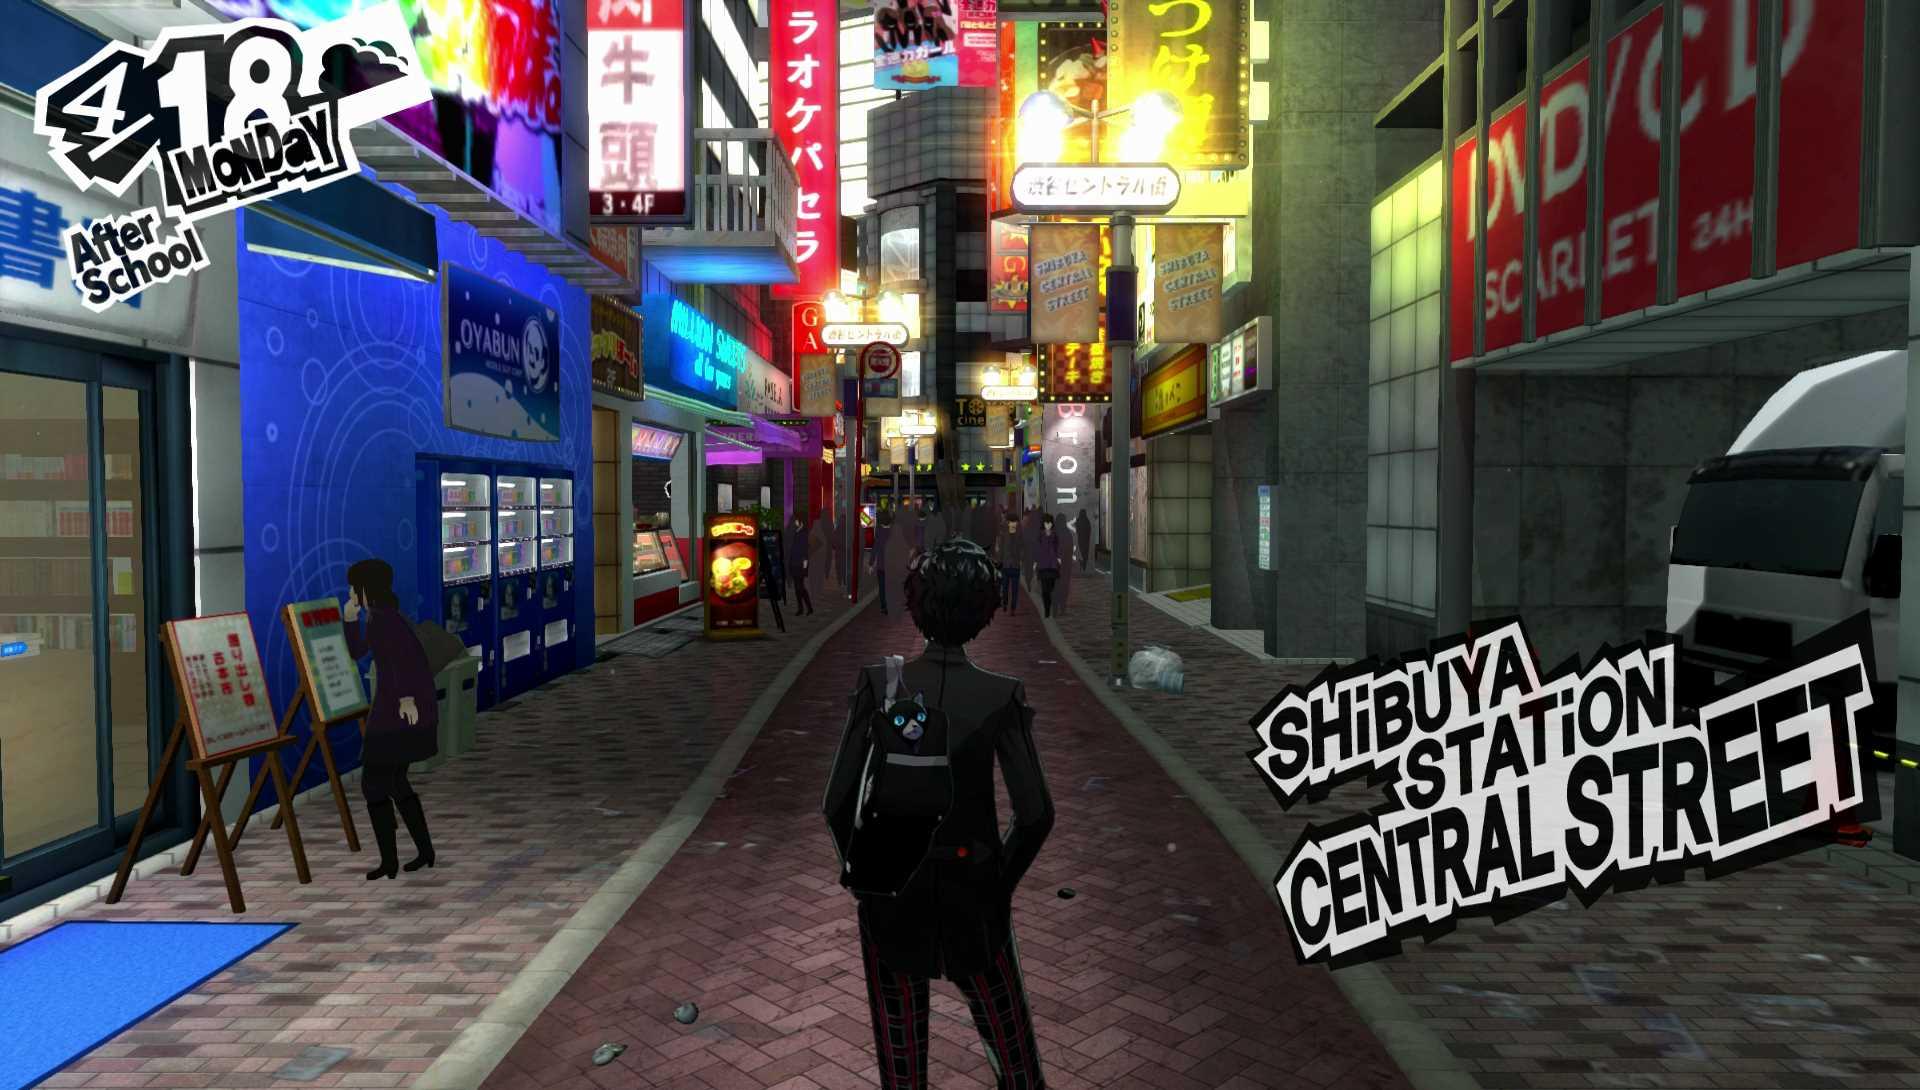 Persona 5 shibuya station